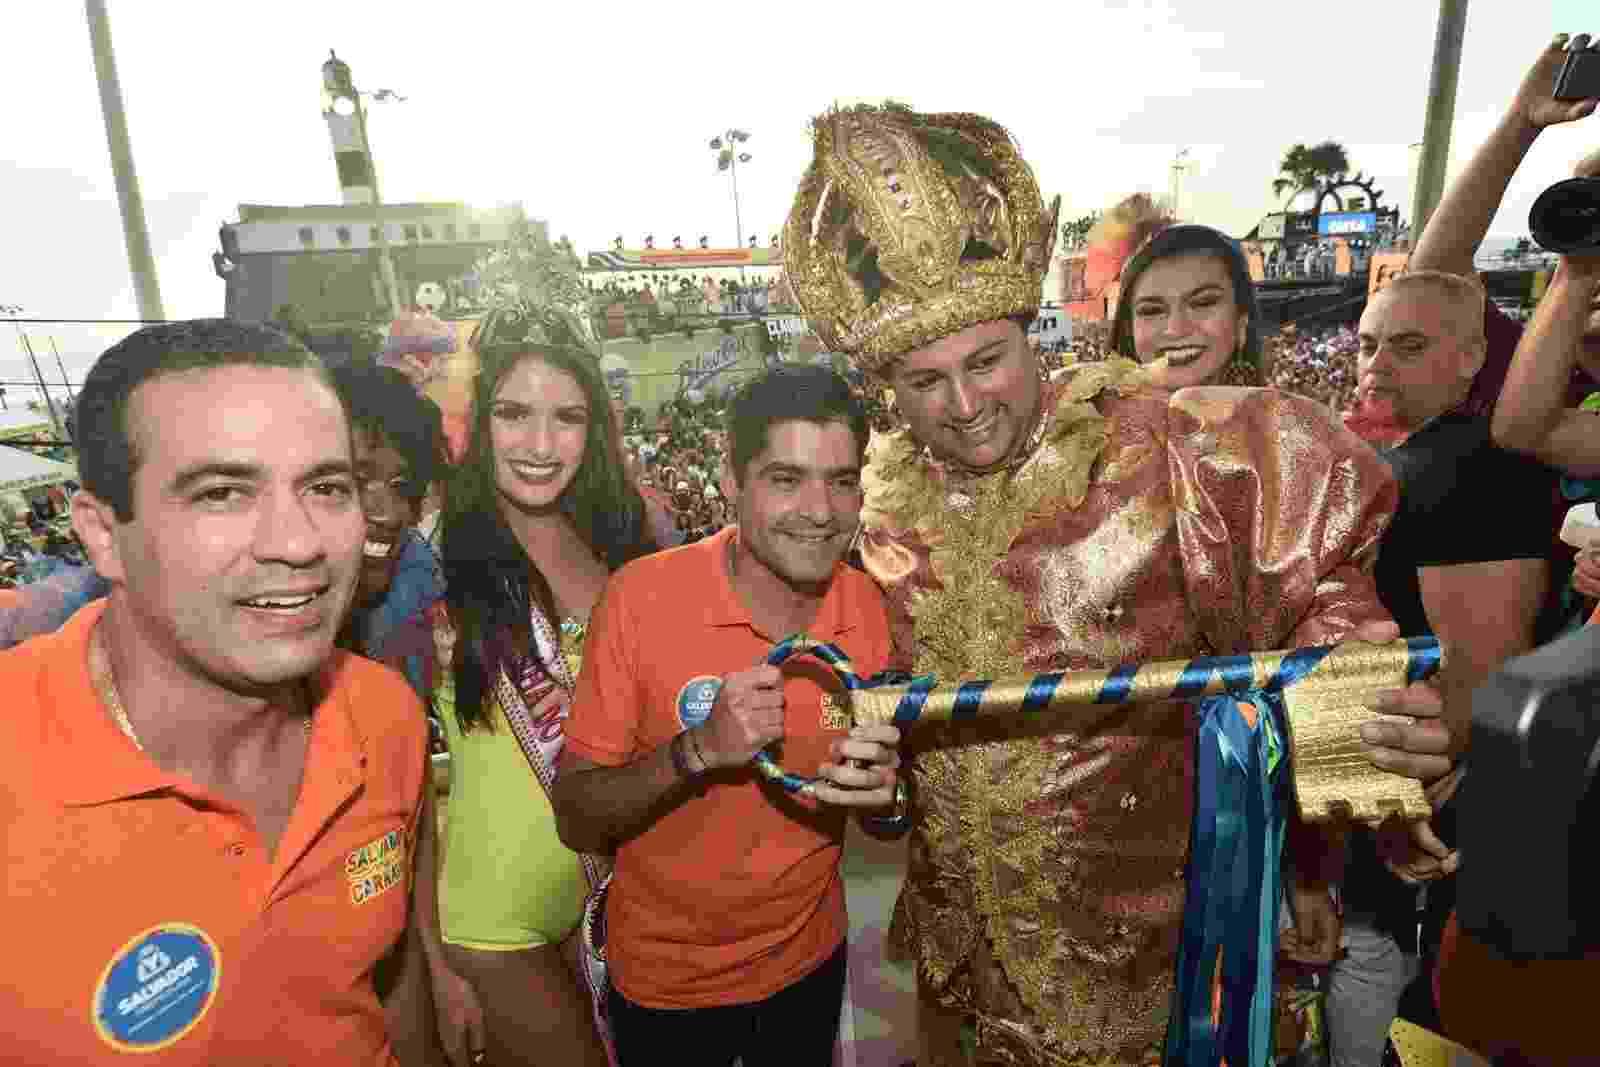 Prefeito de Salvador, ACM Neto entrega a chava da cidade para o Rei Momo - Max HaacK/Secom/Prefeitura de Salvador